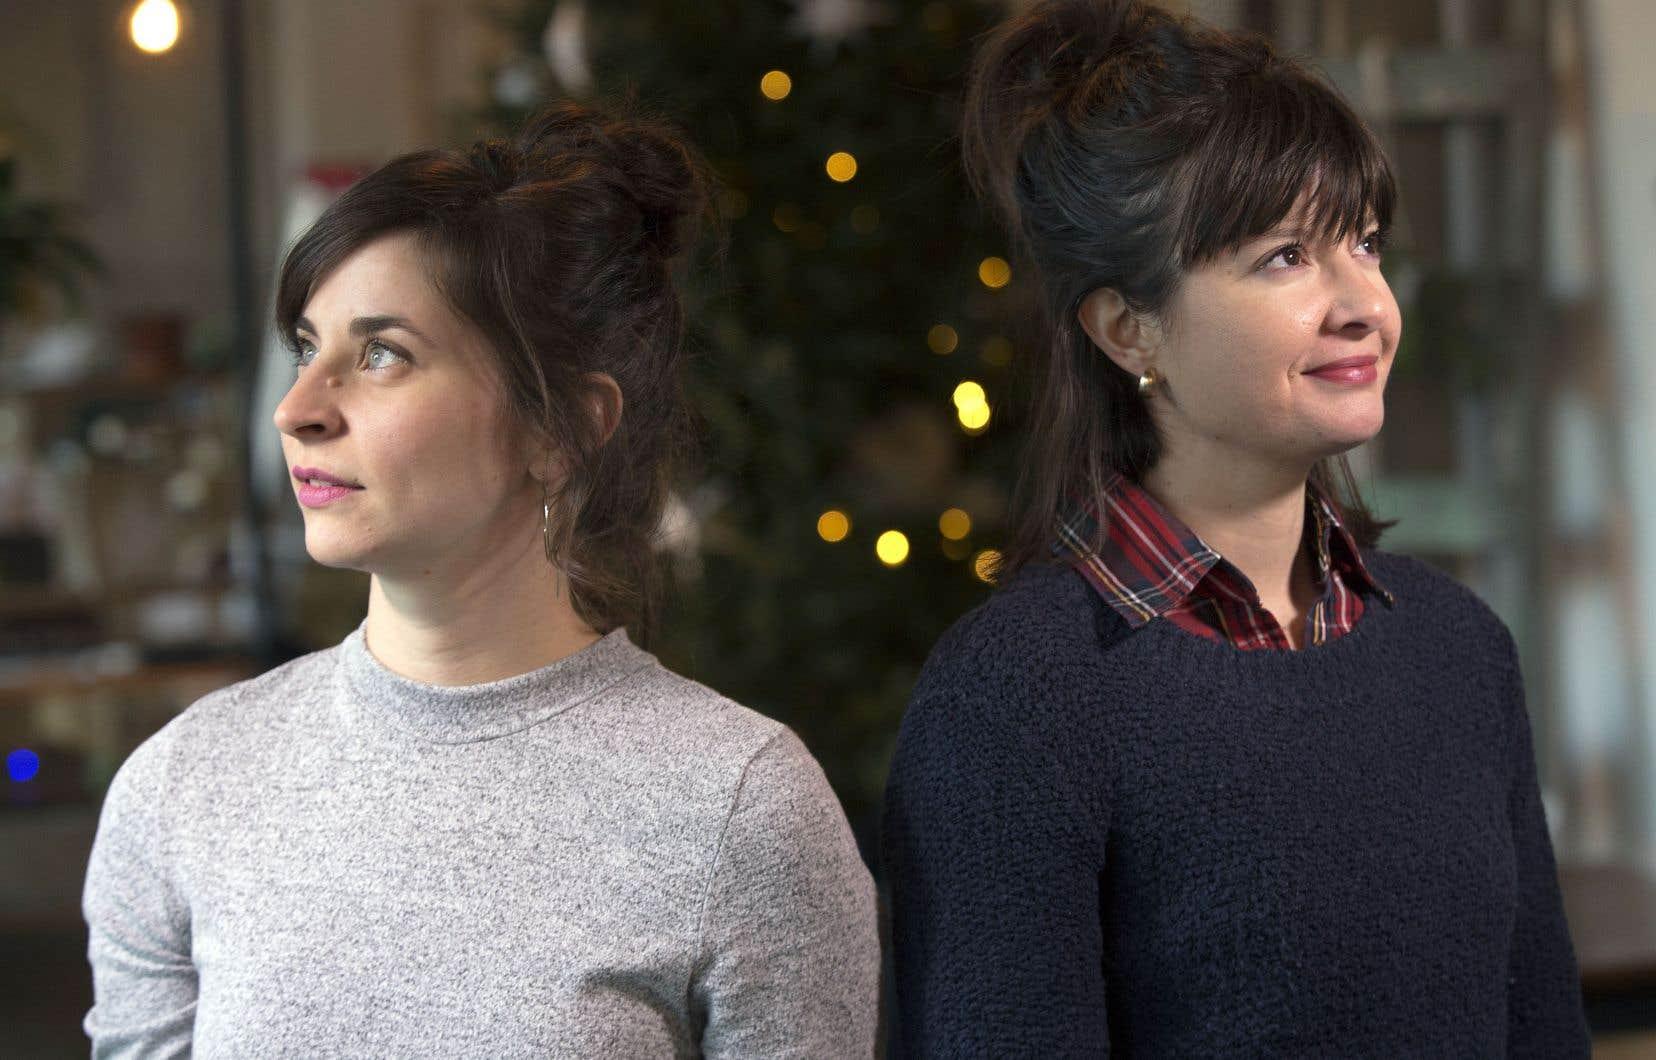 La pulsion d'écrire des chansons a surgi alors que les deux amies, Sonia Cordeau (à gauche) et Raphaëlle Lalande, vivaient une rupture amoureuse simultanément.